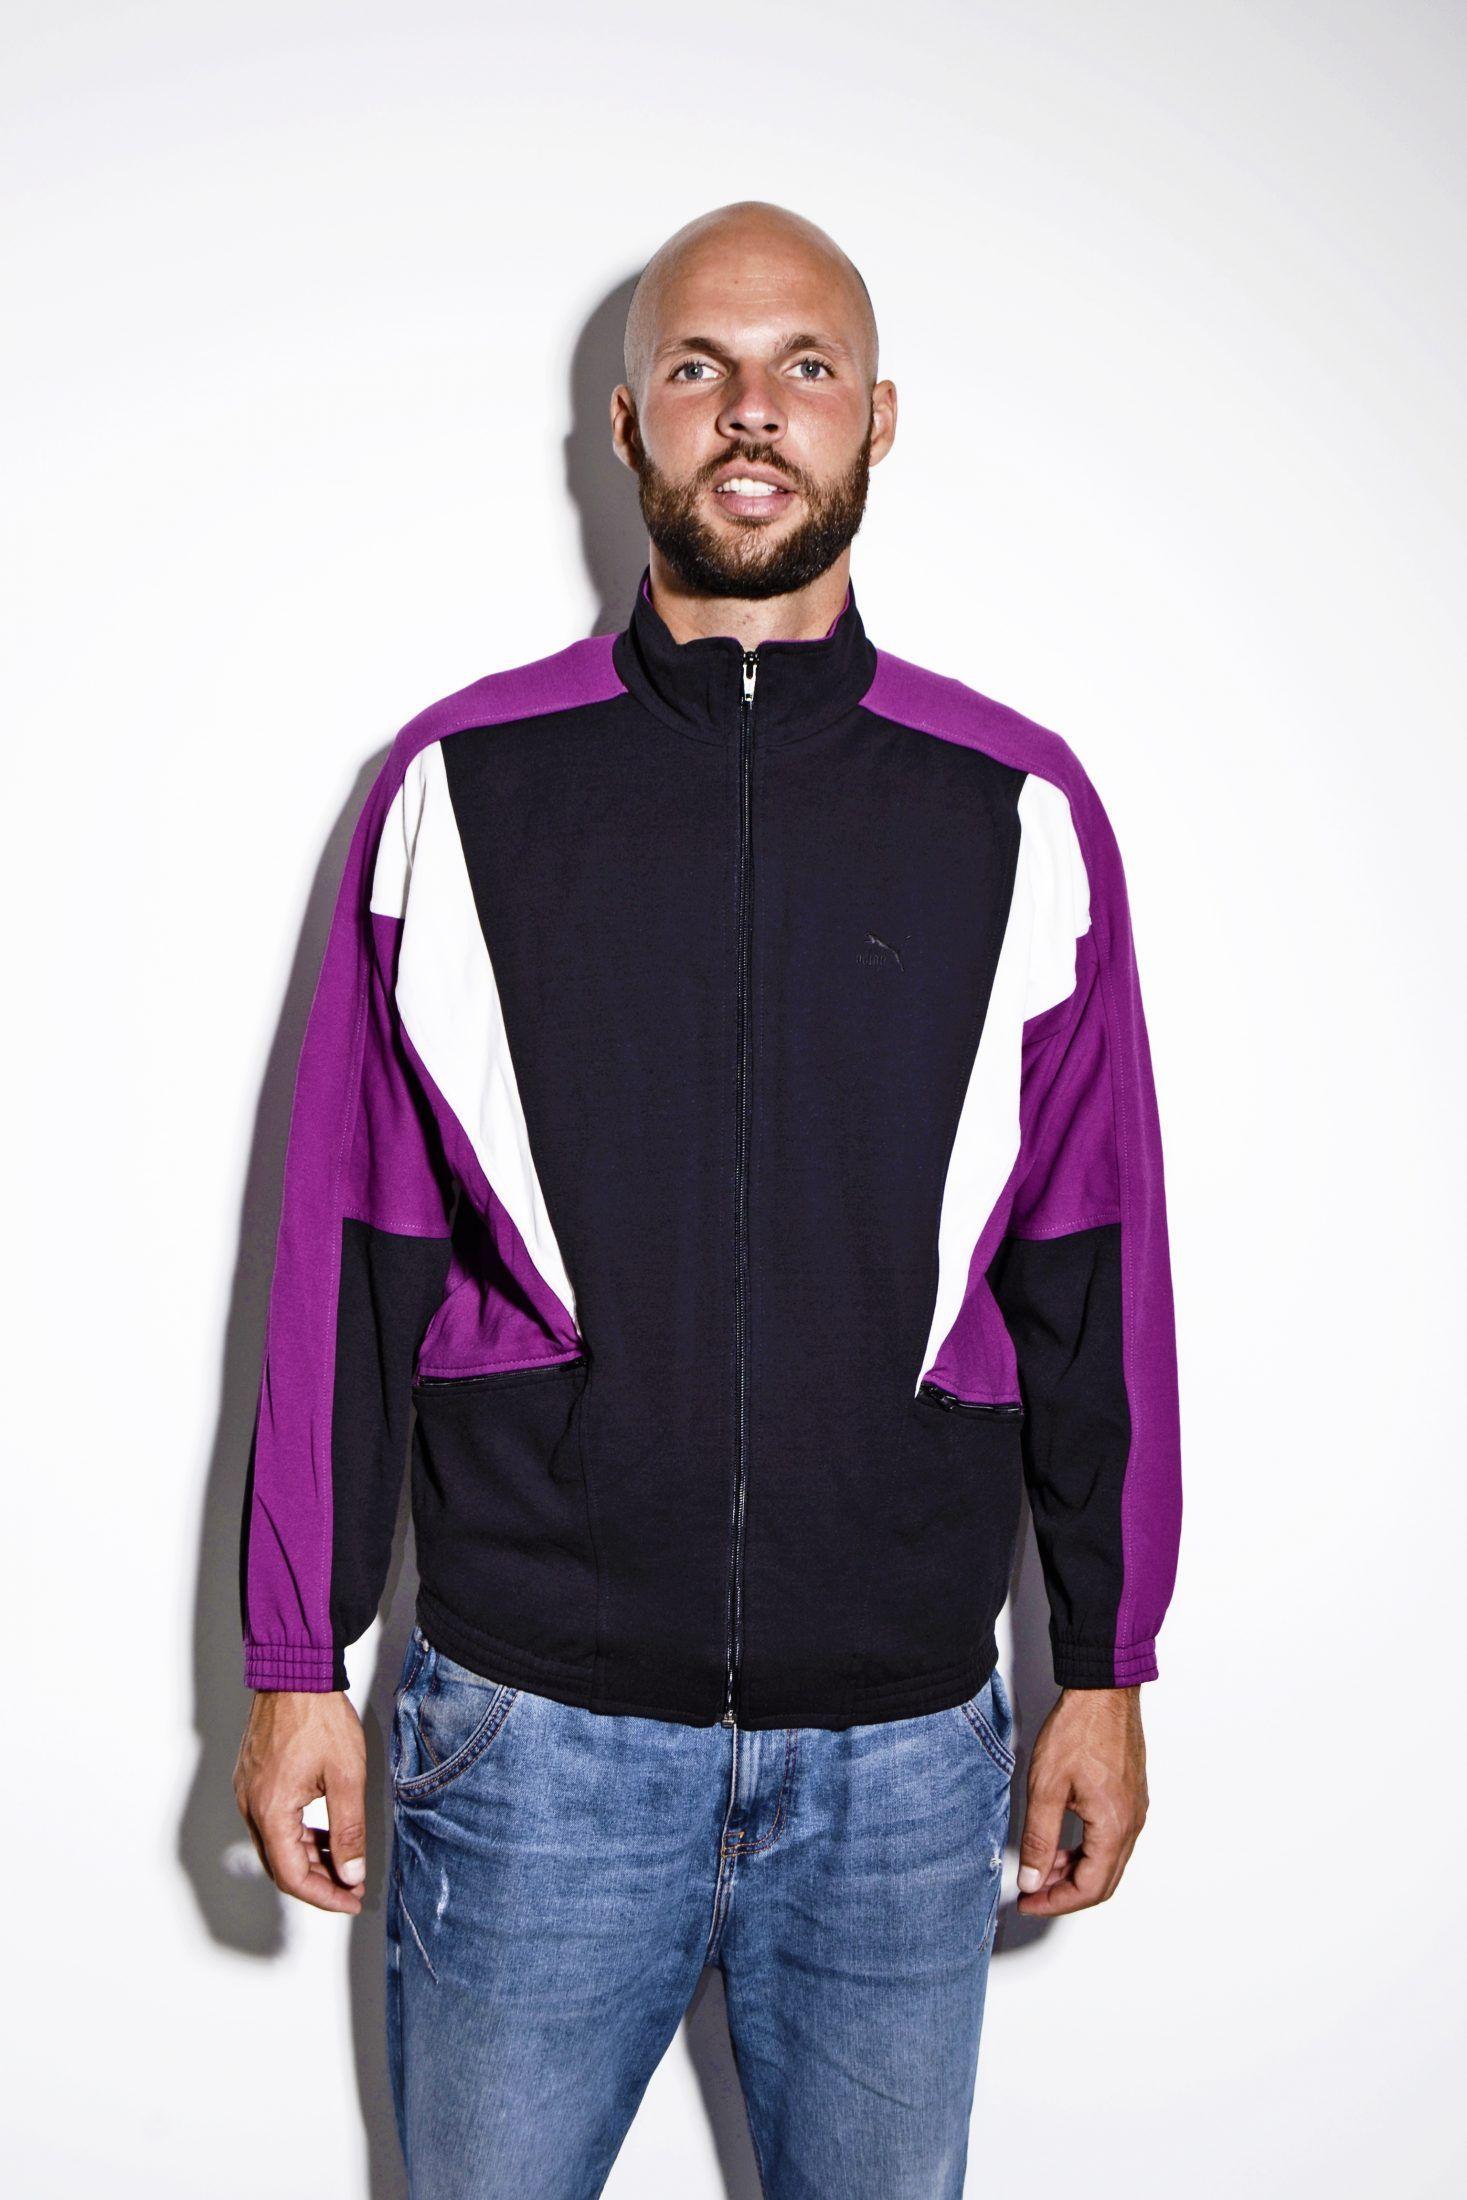 Puma 90s Track Jacket Black Purple Vintage Sports Clothing Vintage Clothing Stores Vintage Sportswear